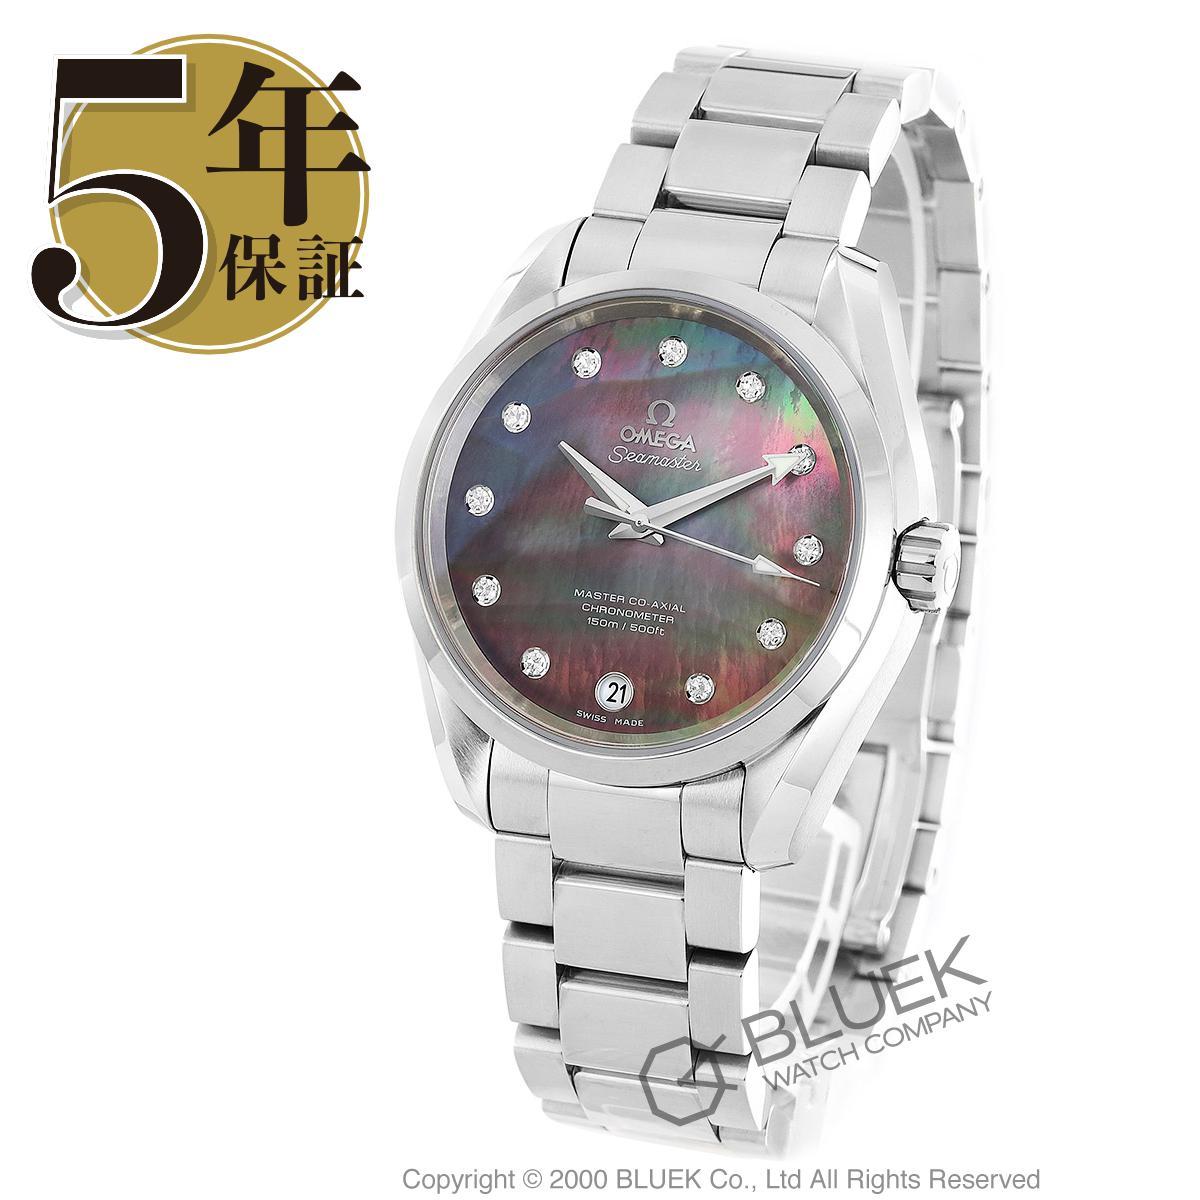 オメガ シーマスター アクアテラ ダイヤ マスターコーアクシャル 腕時計 メンズ OMEGA 231.10.39.21.57.001_5